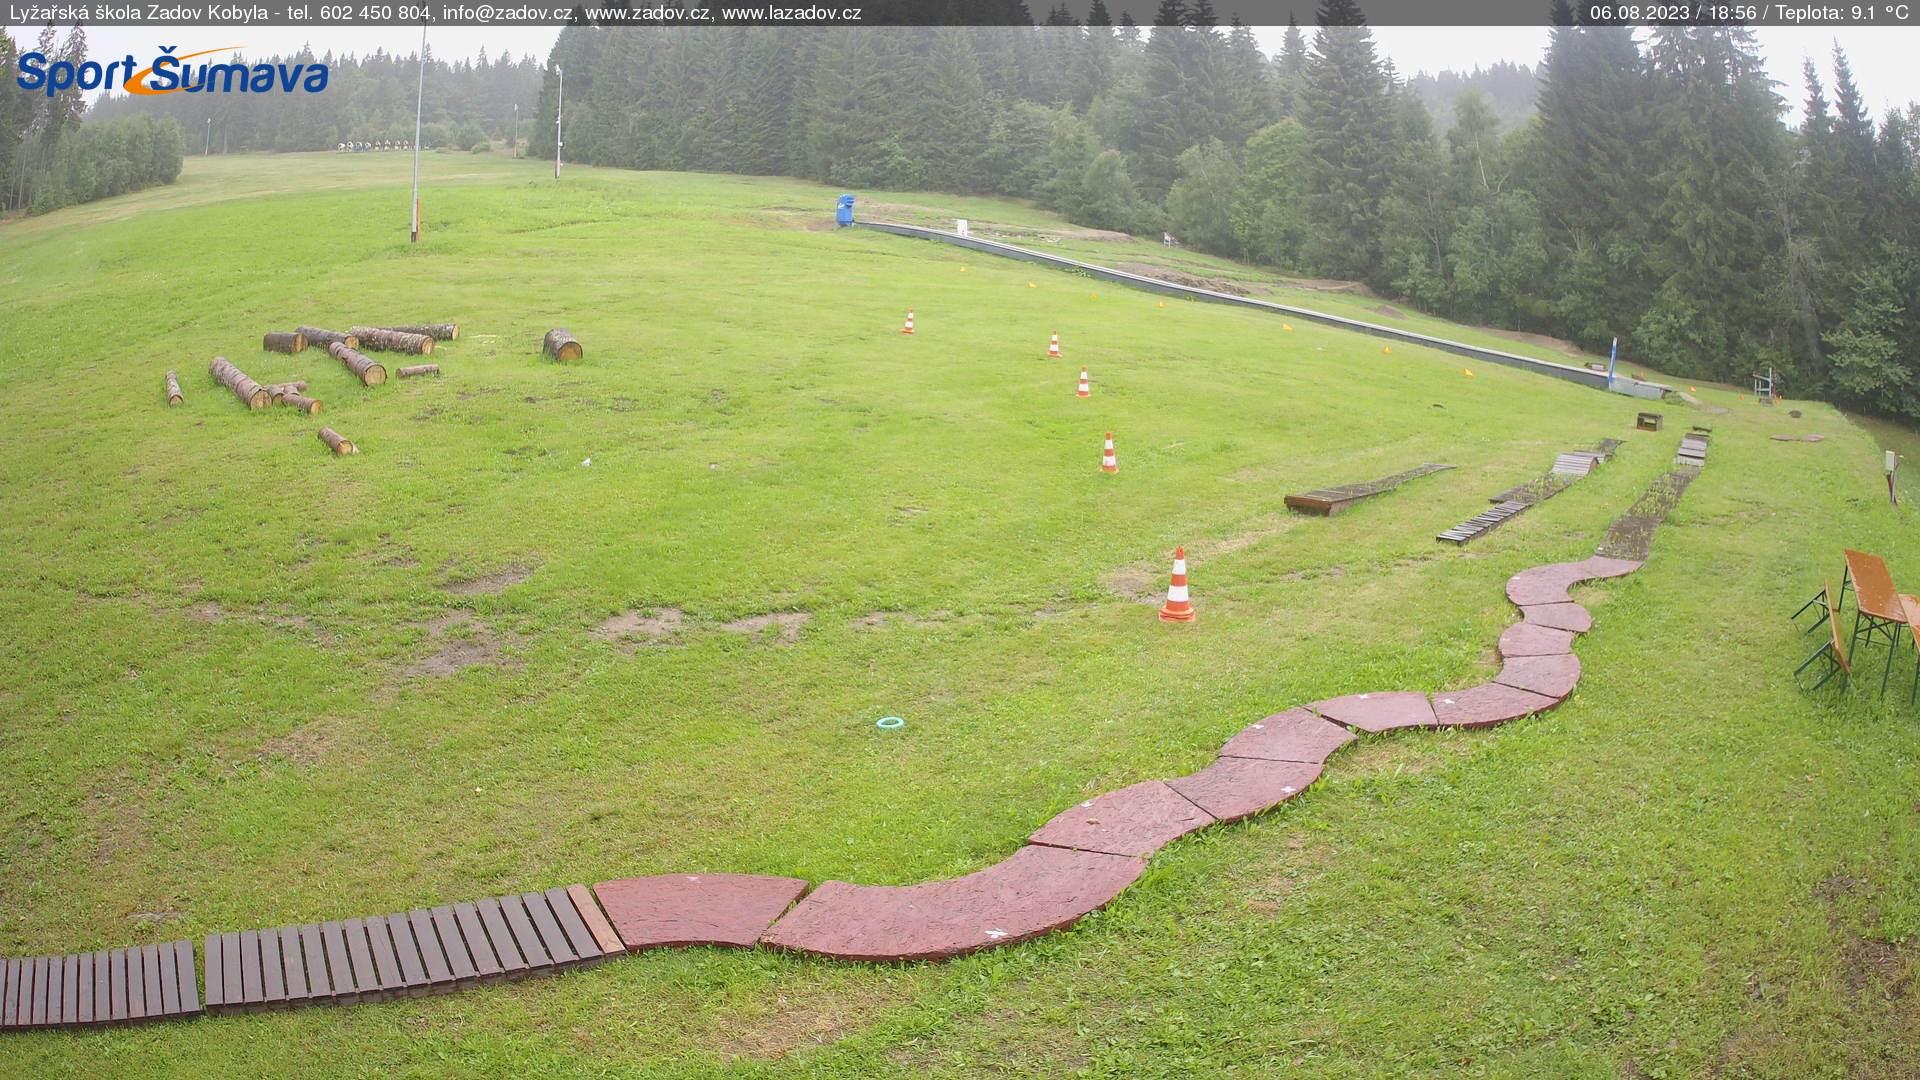 Webcam Skigebiet Zadov - Churanov Skischule - B�hmer Wald